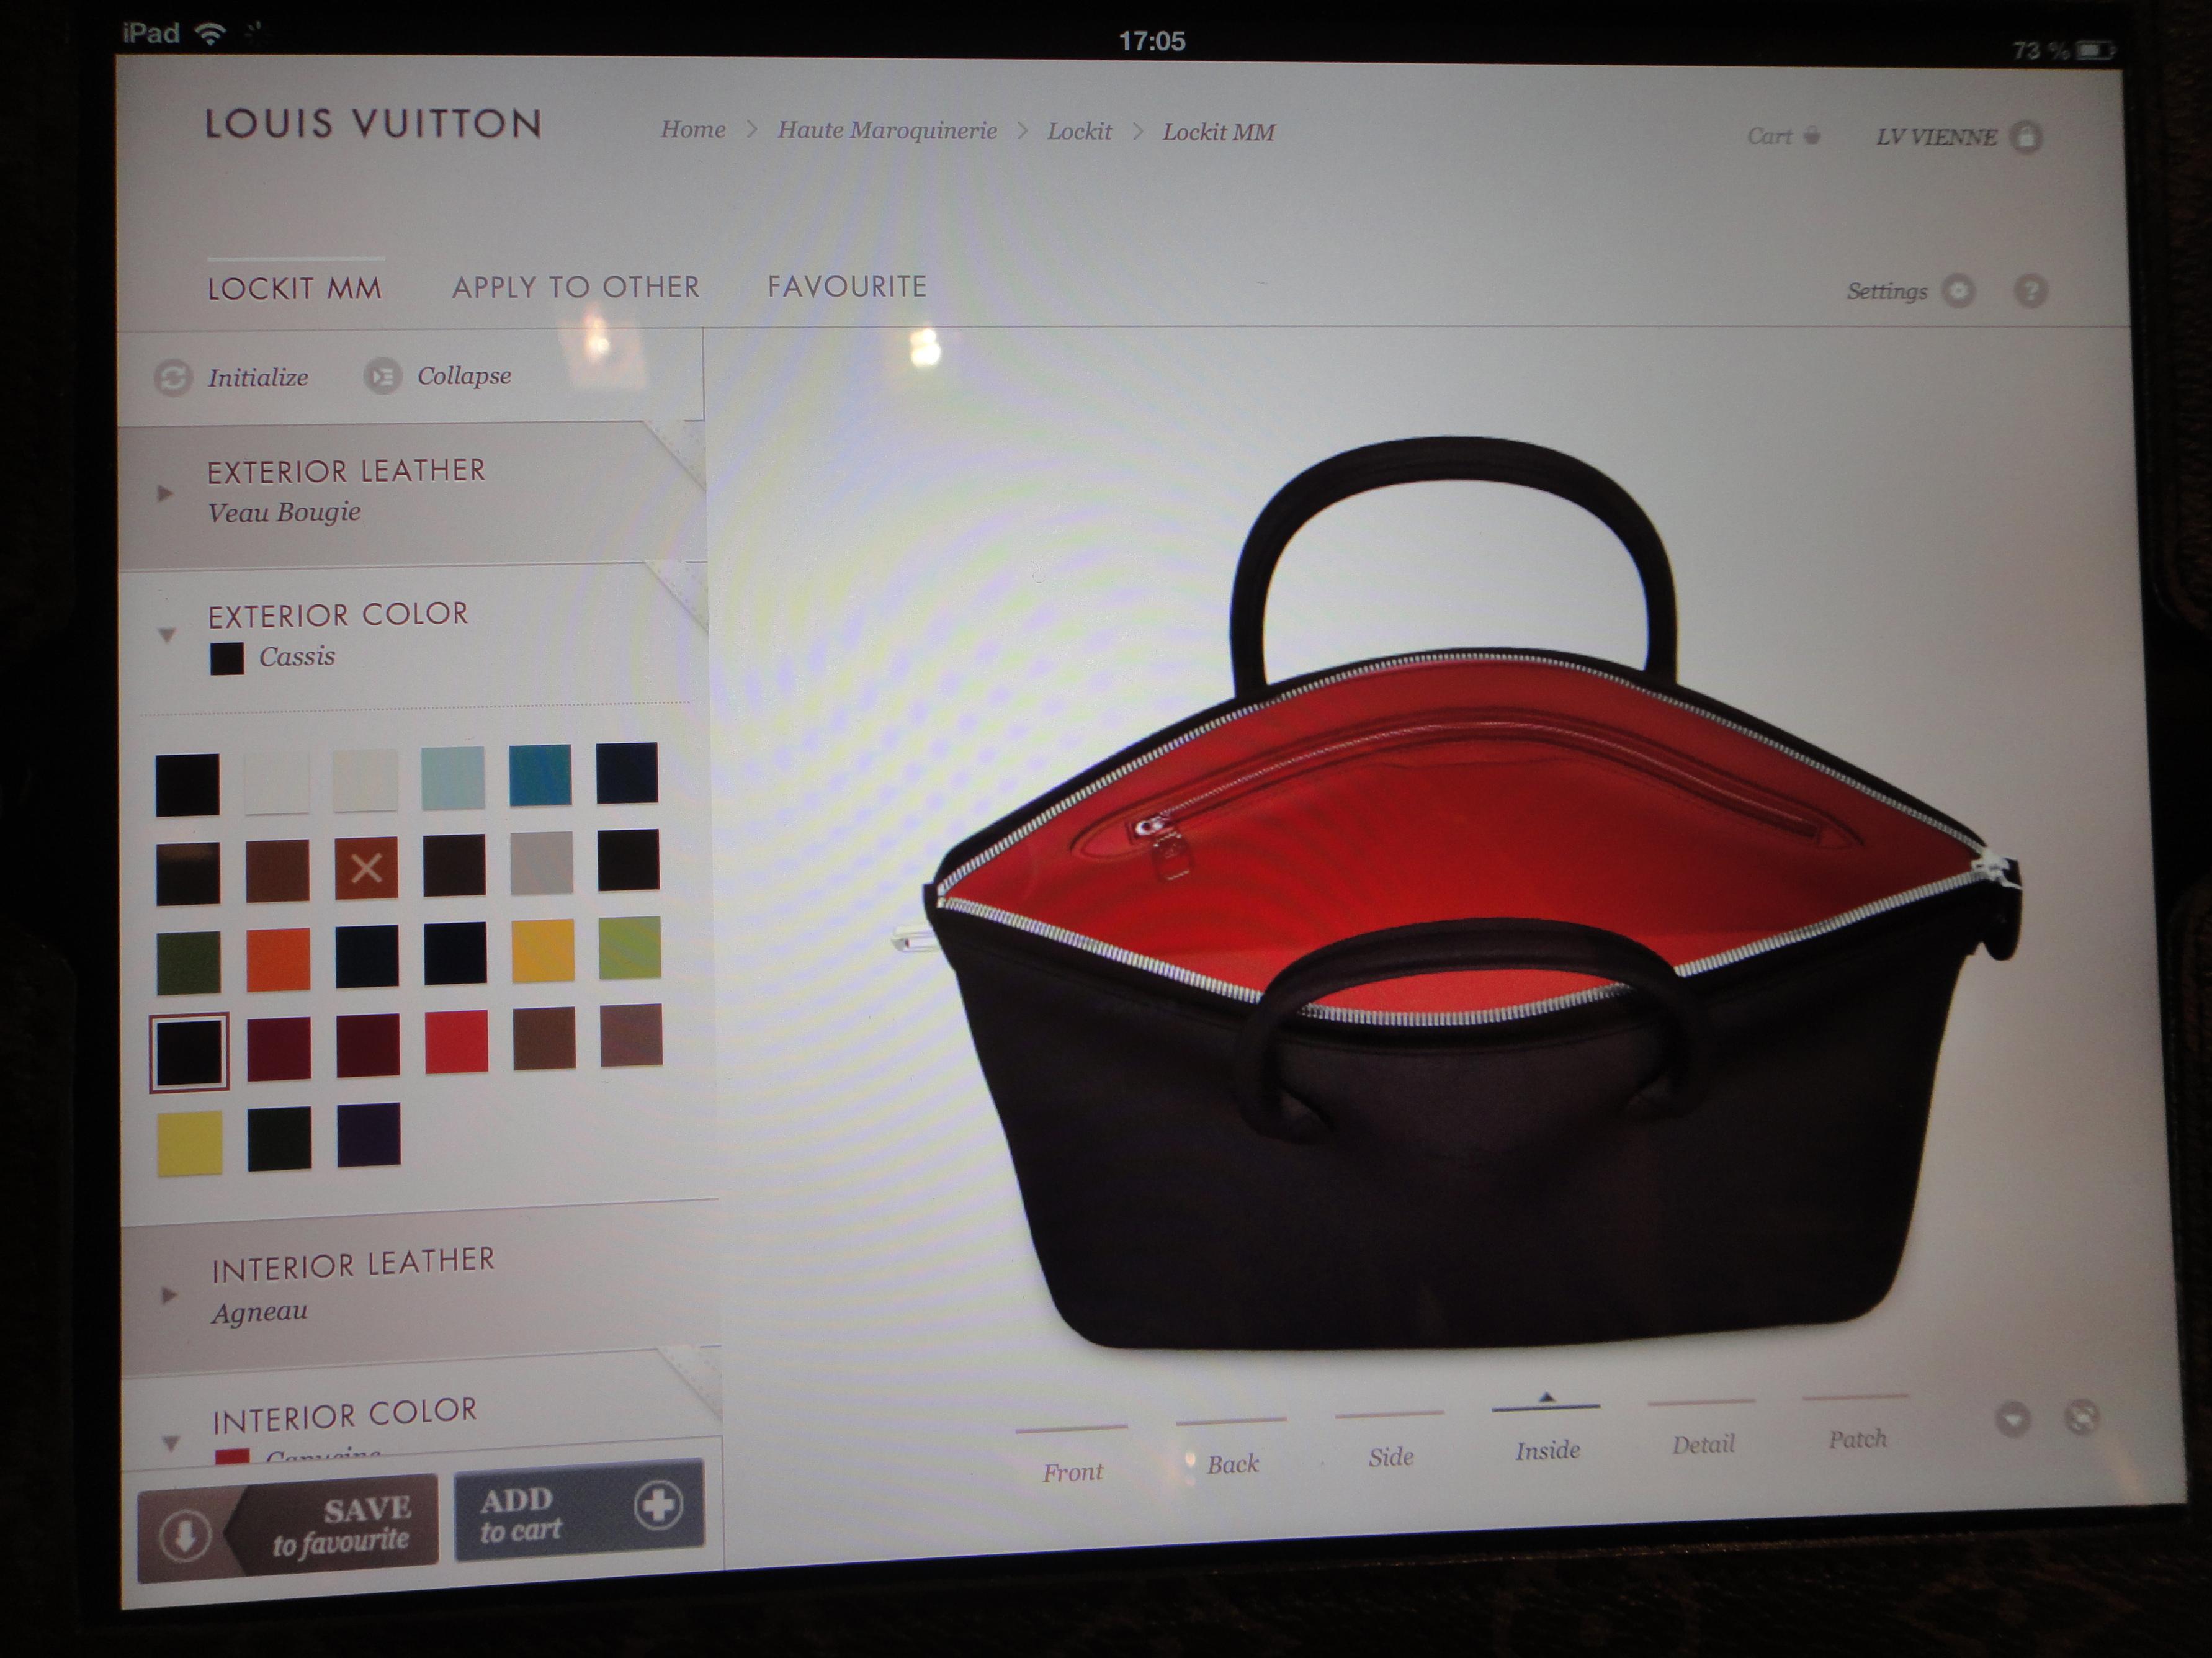 LV Haute Maroquinerie - placing an order / eine Bestellung aufgeben